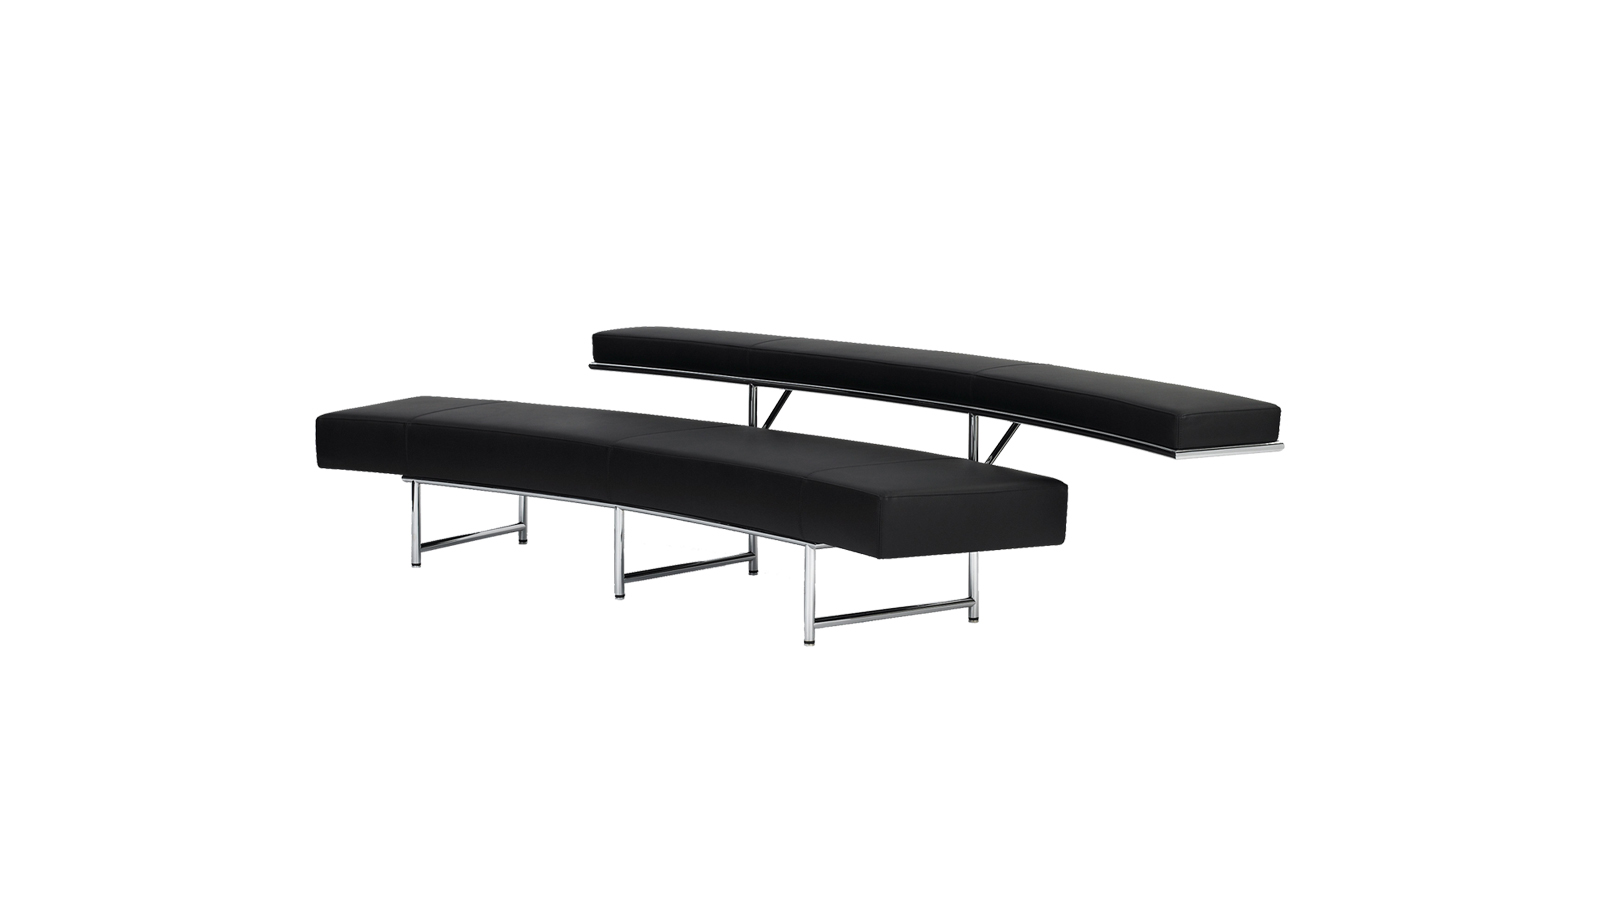 A modernizmus egyik legelismertebb tervezőnője, Eileen Gray által tervezett kanapé olyan egyedi karakterrel rendelkezik, amely senkit sem hagy hidegen. Egyszerre lágyan ívelő és szigorúan geometrikus, sugároz letisztult egyszerűséget és mozgalmas dinamizmust – mégpedig tökéletes összhangban.